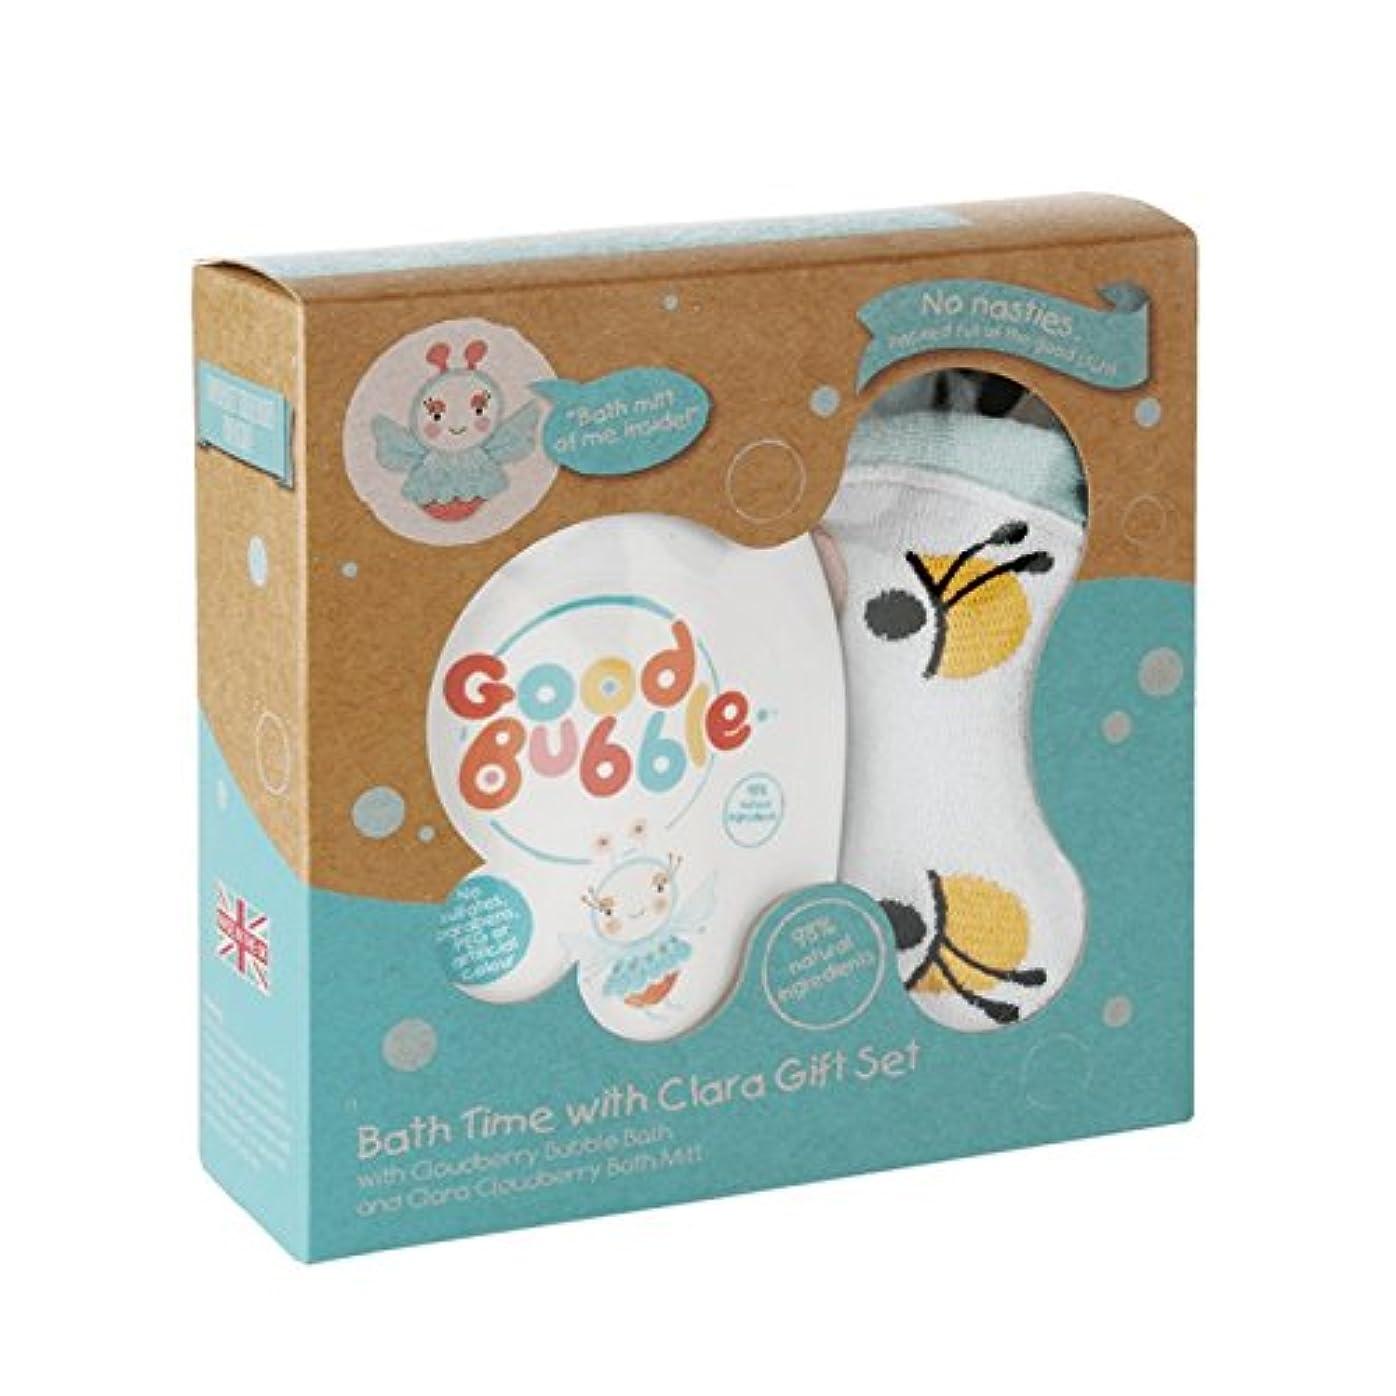 神経衰弱新鮮な成功する良いバブルクララクラウドベリーギフトセット550グラム - Good Bubble Clara Cloudberry Gift Set 550g (Good Bubble) [並行輸入品]